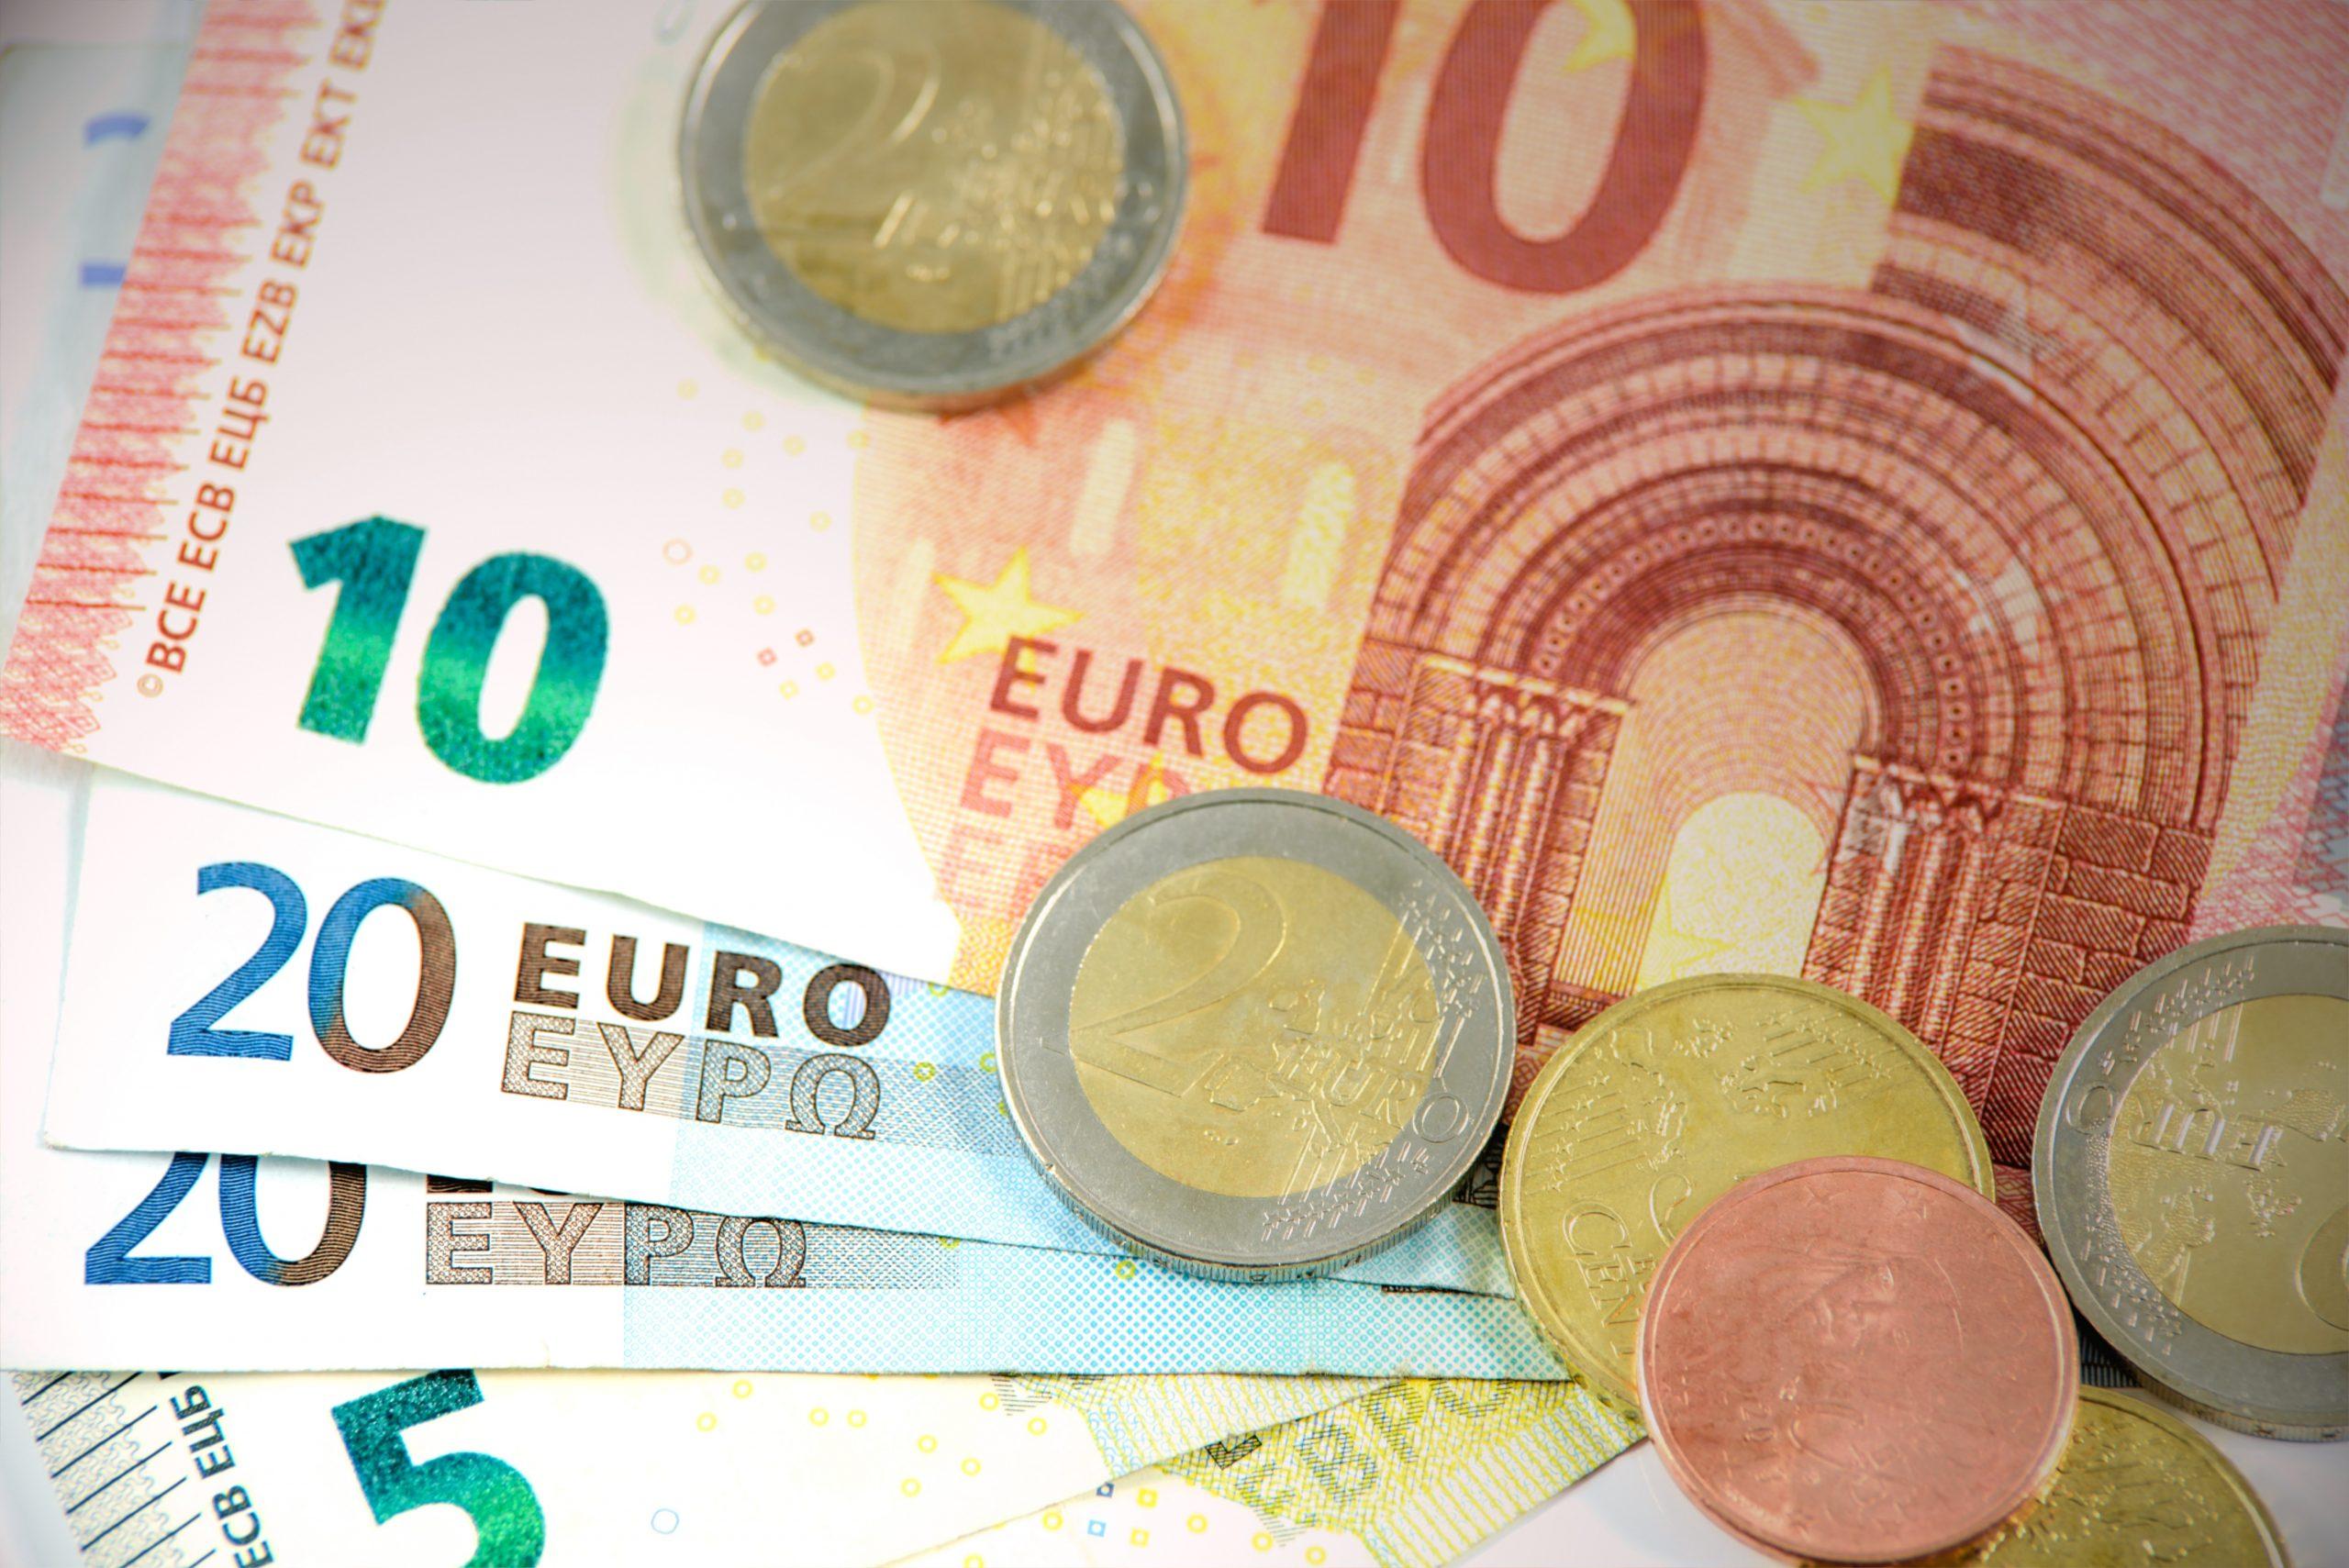 bank-notes-bills-bronze-cash-158776